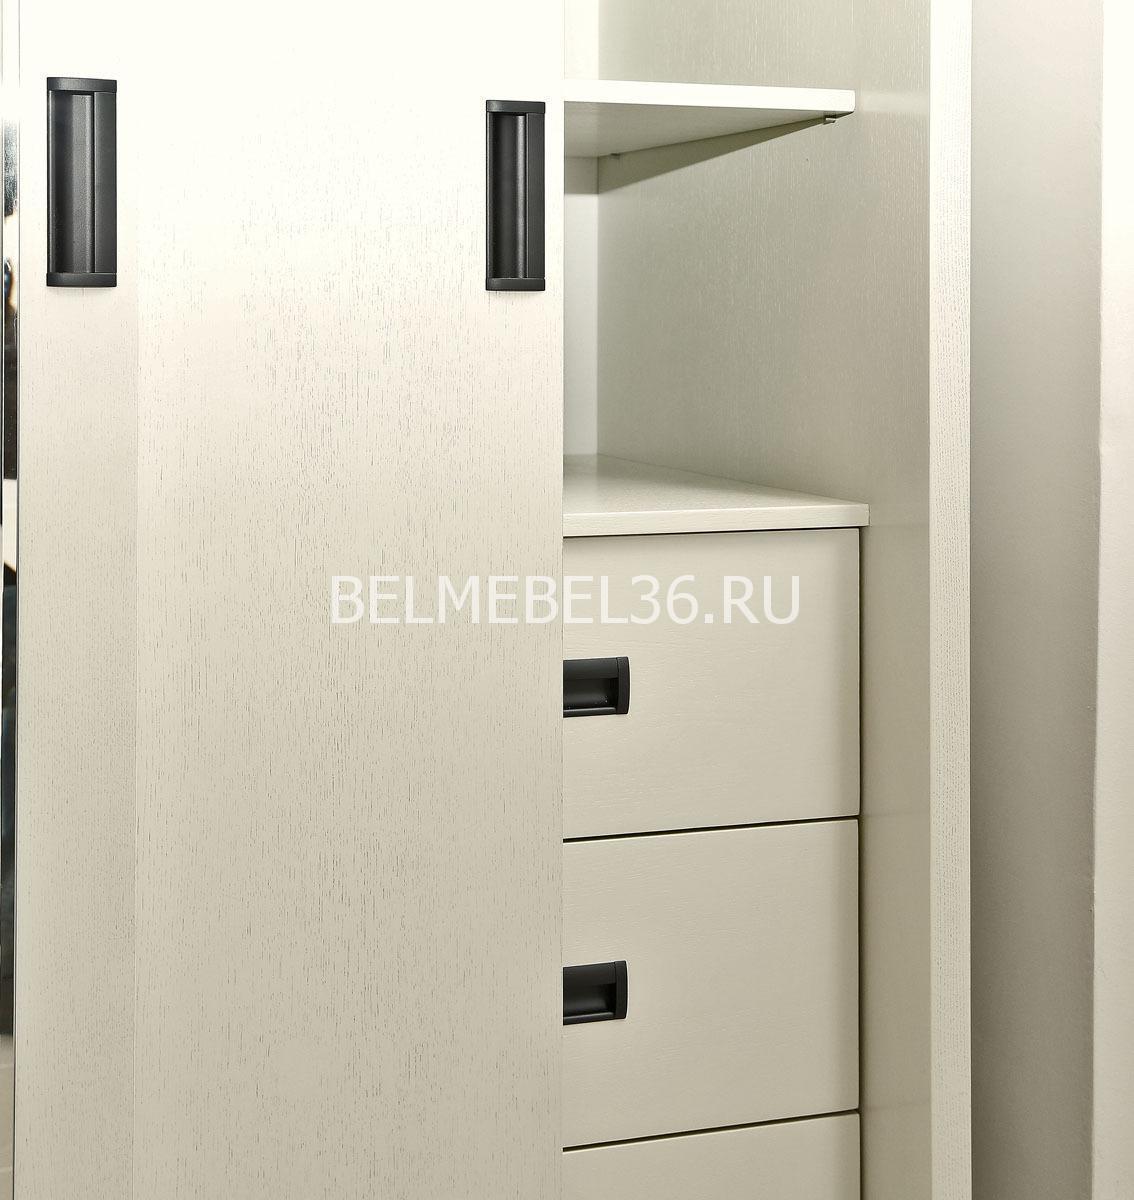 Шкаф-купе Луксор П-475.01(слоновая кость)   Белорусская мебель в Воронеже